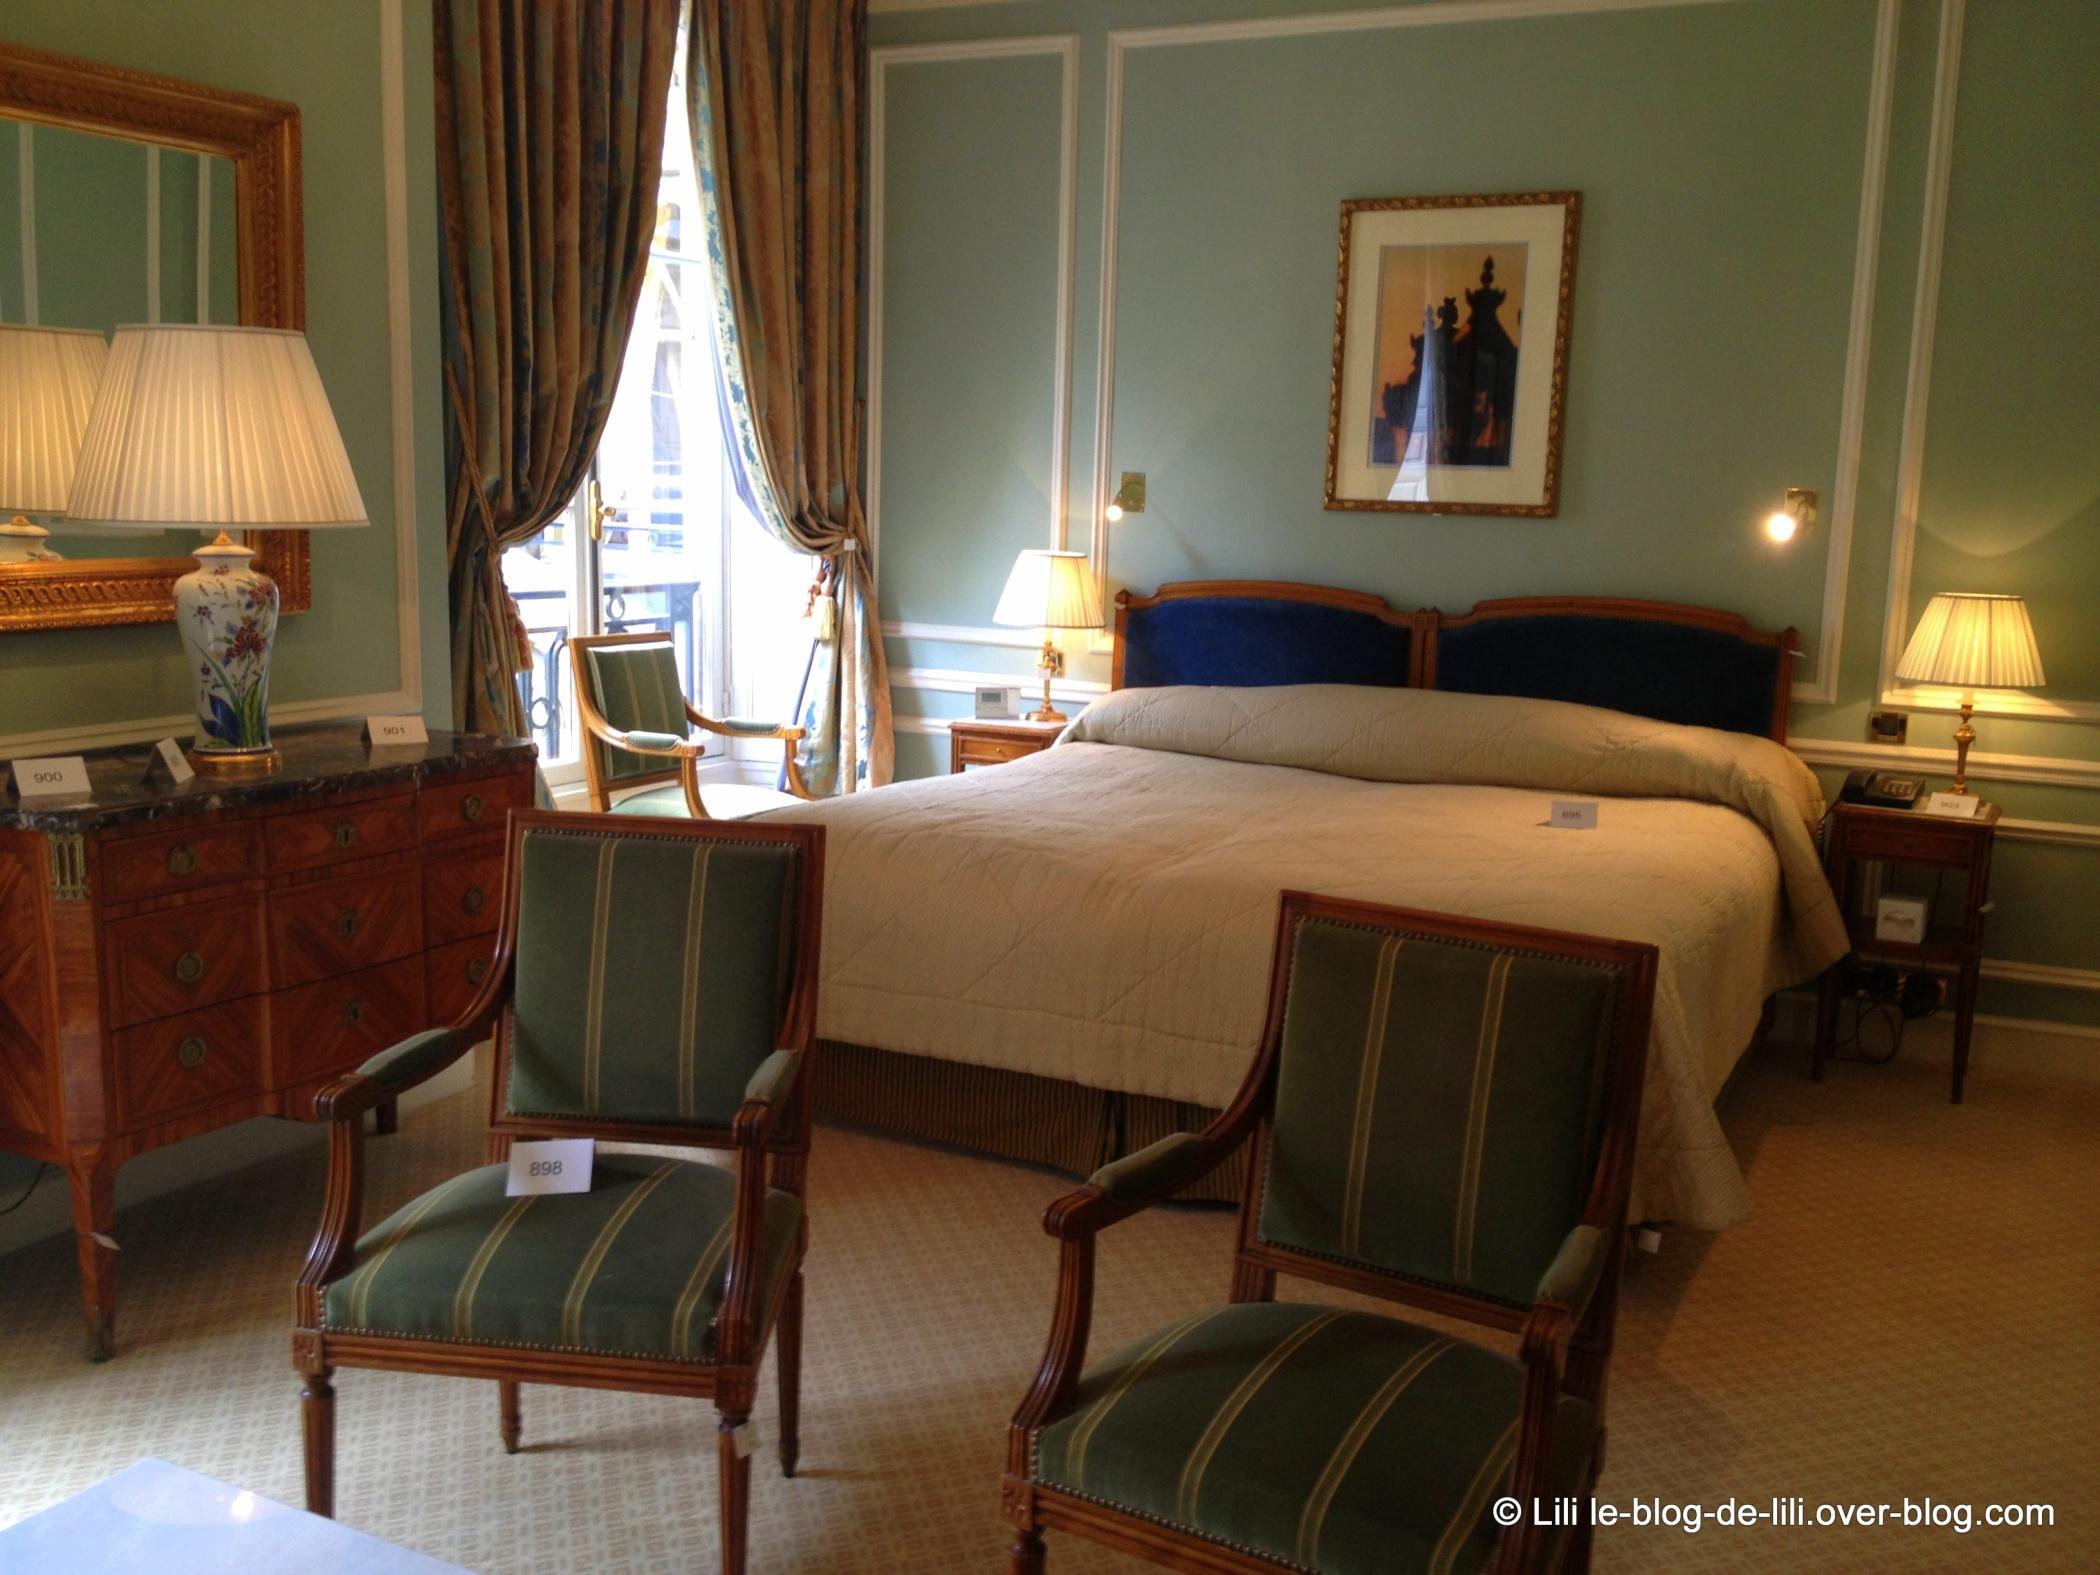 Visite de l'hôtel de Crillon : vente aux enchères avant travaux